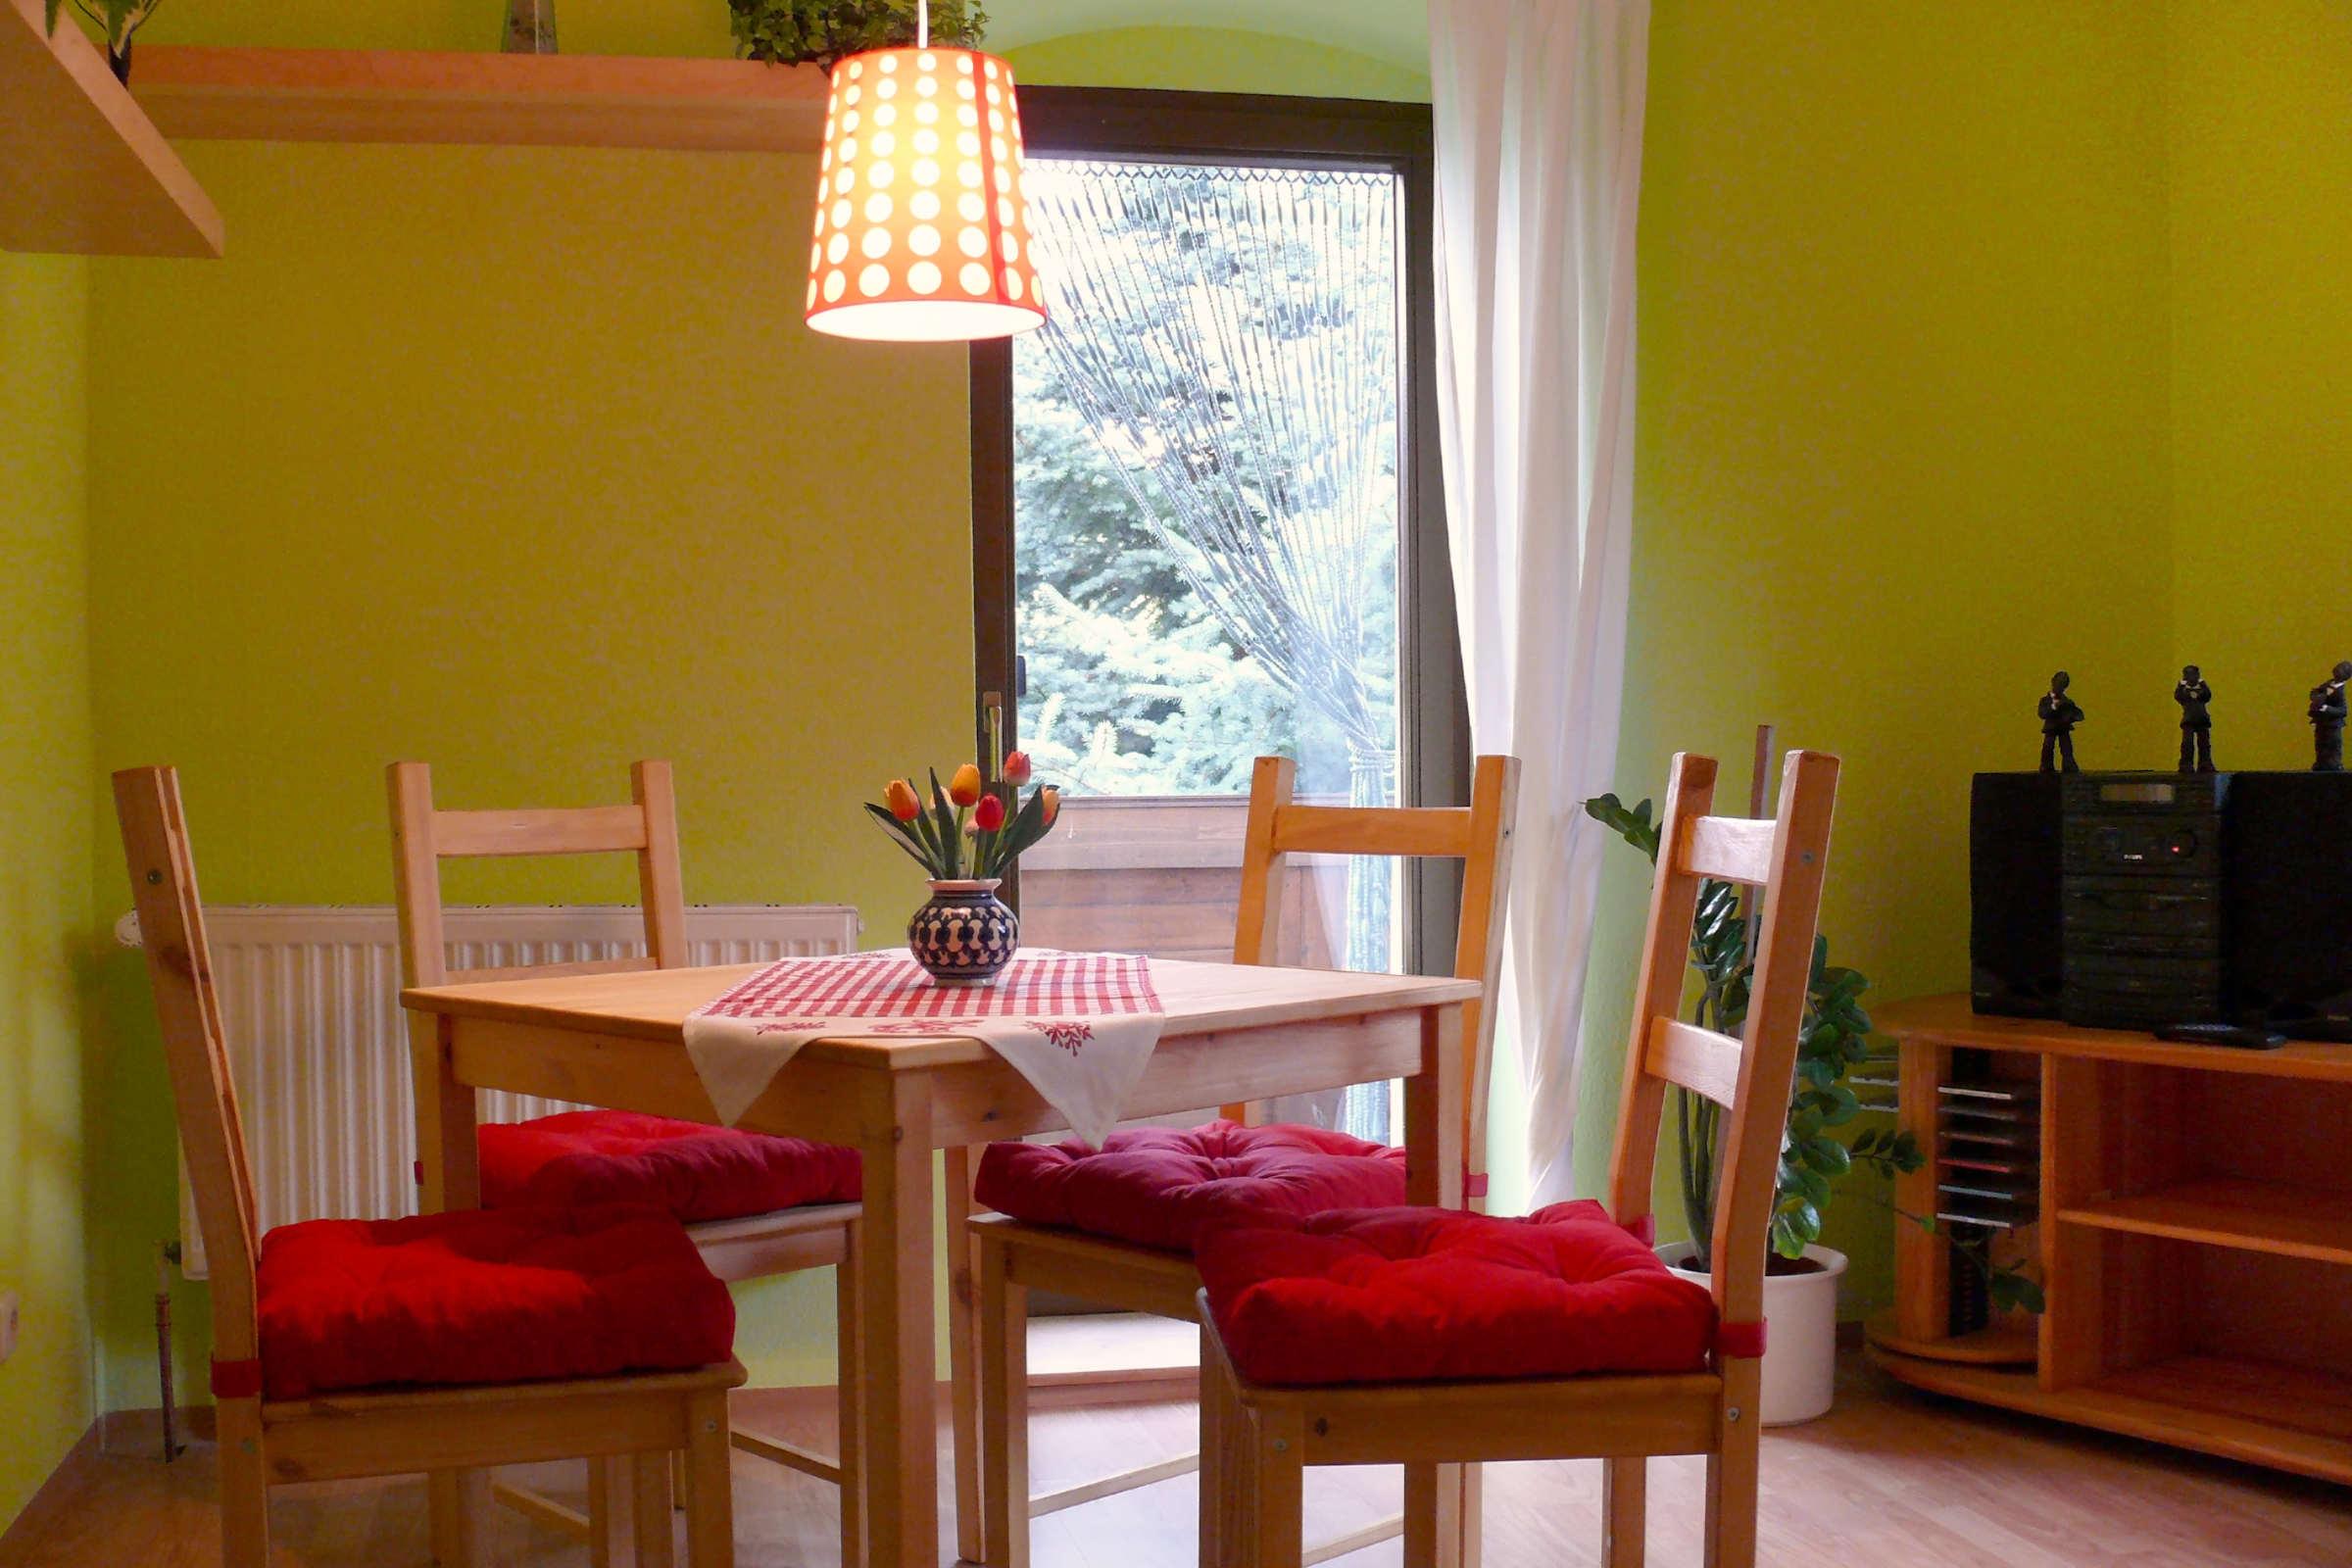 Sitzecke in der Küche, gleich neben dem Balkon